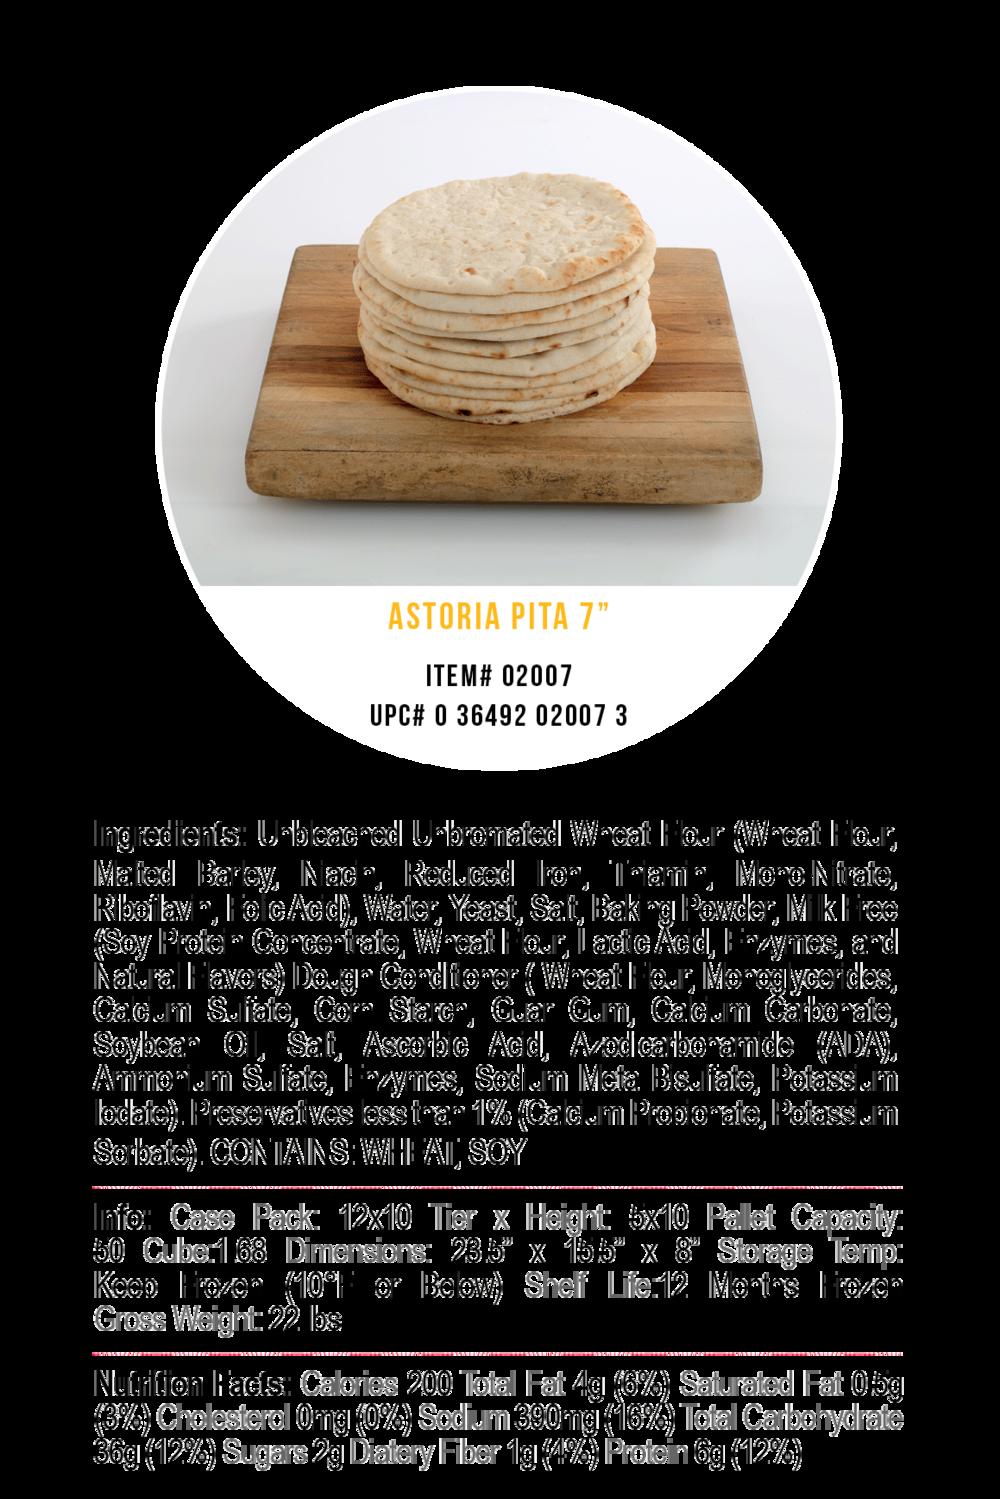 corfu-pita-breads-astoria-7 in.png